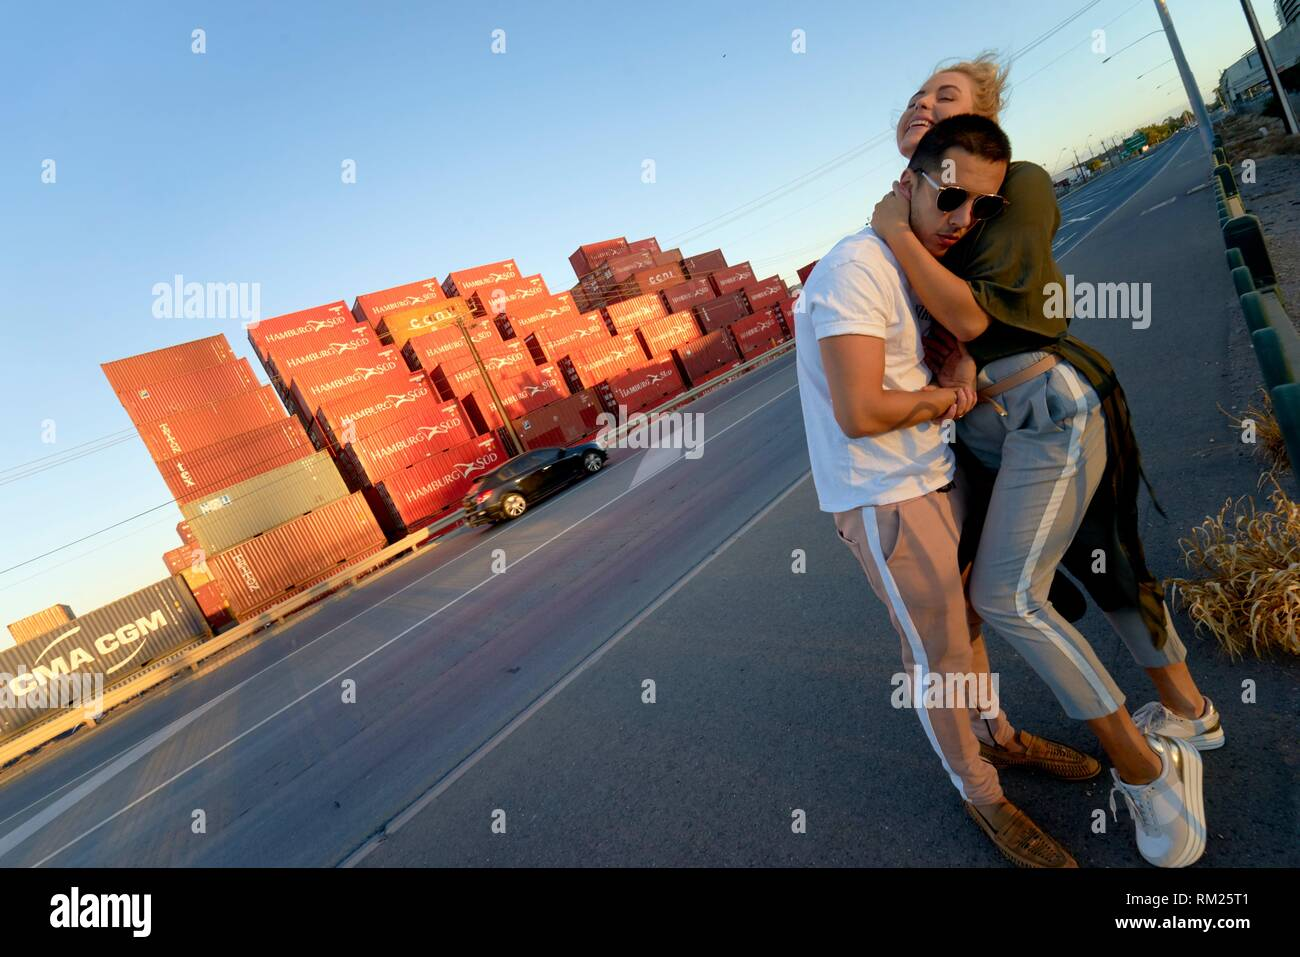 Australia, Adelaide, giovane, amanti, relazione dating, avventura, intimità Immagini Stock